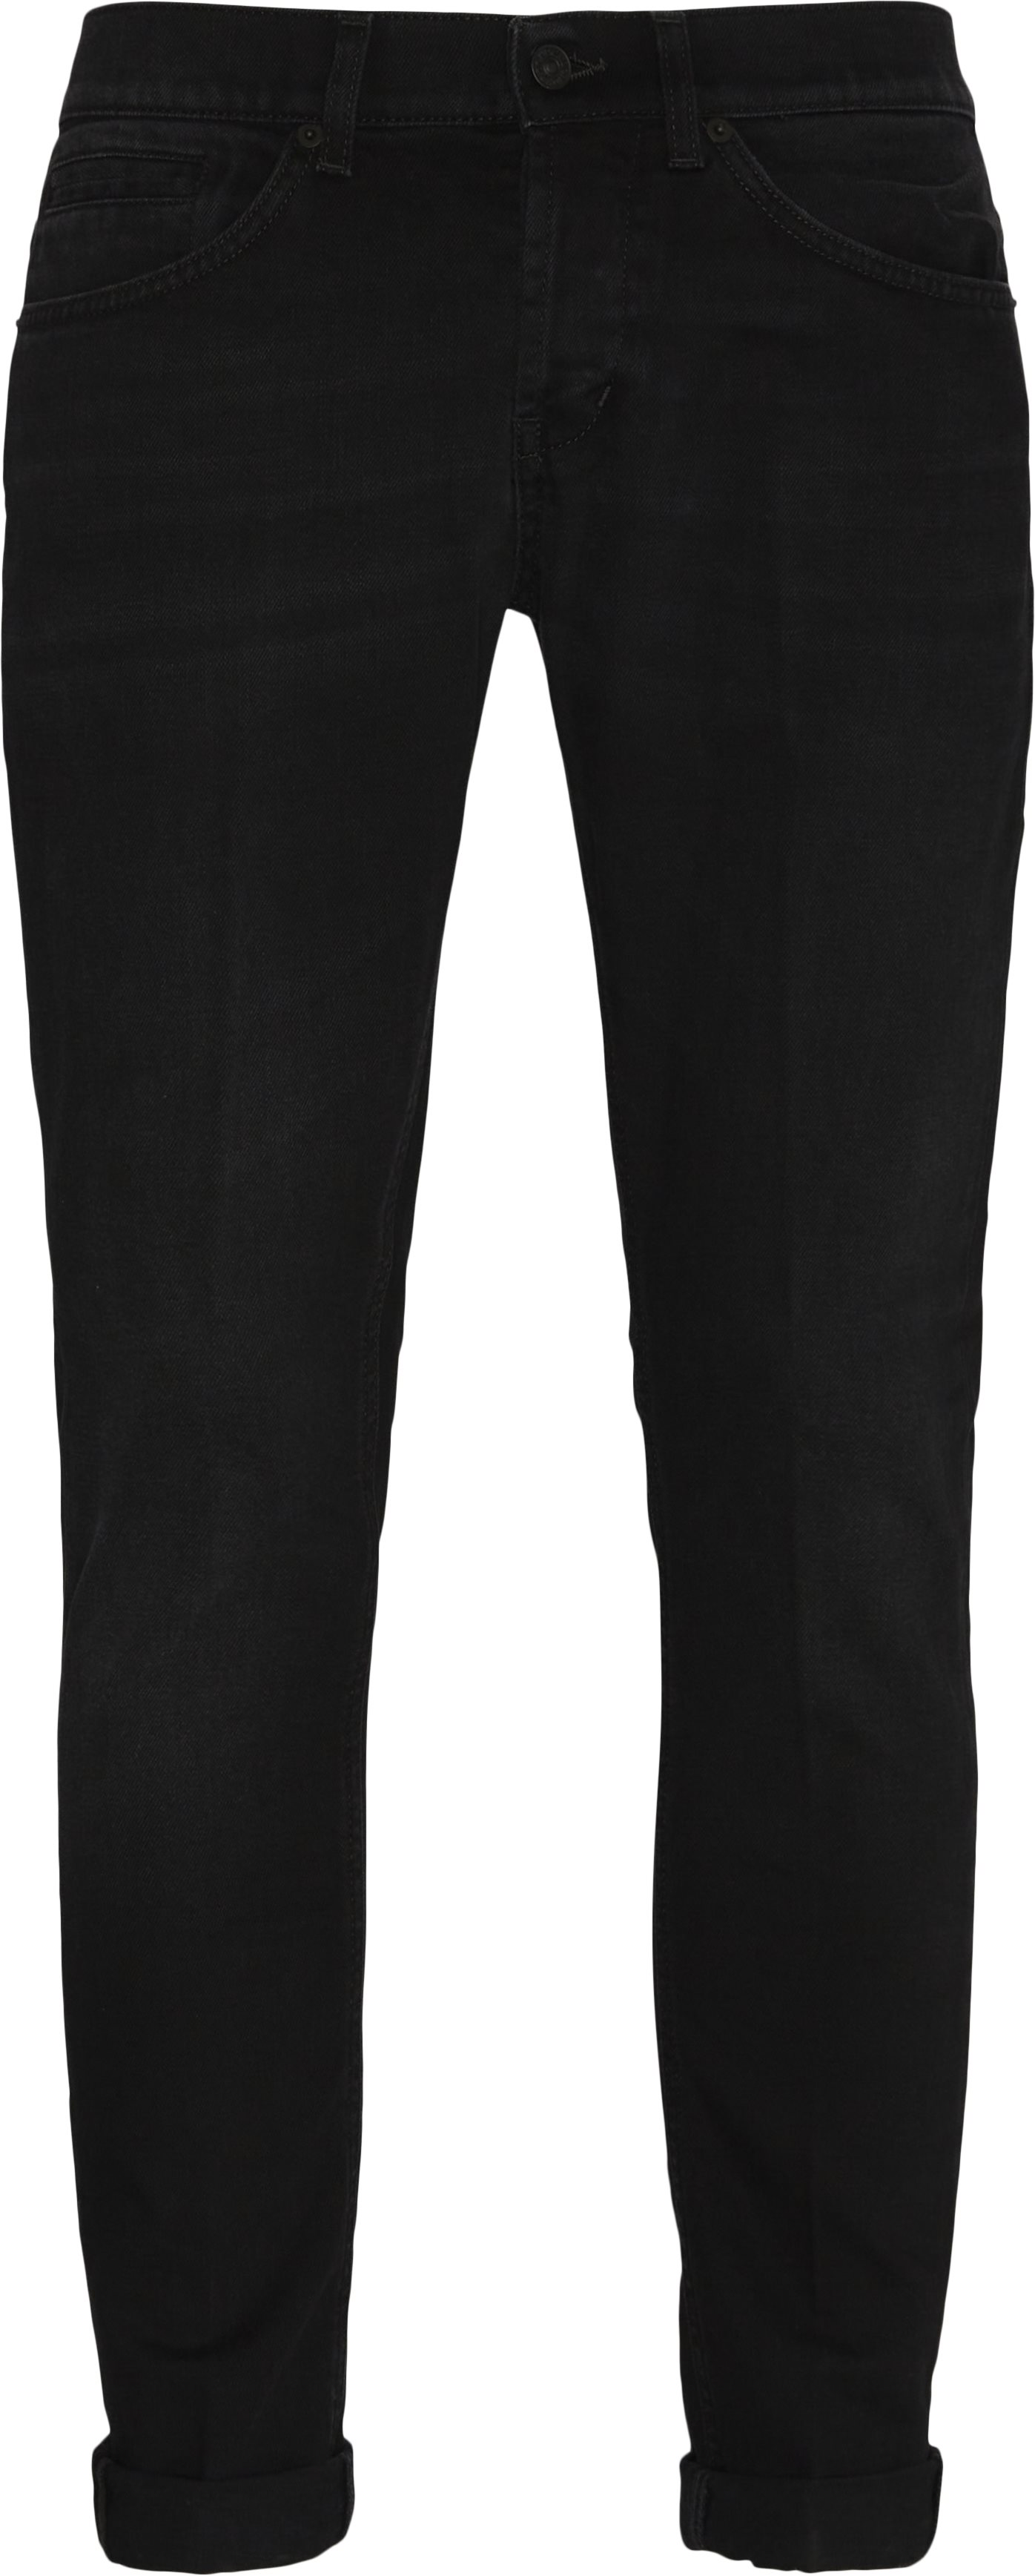 George Jeans - Jeans - Slim fit - Sort